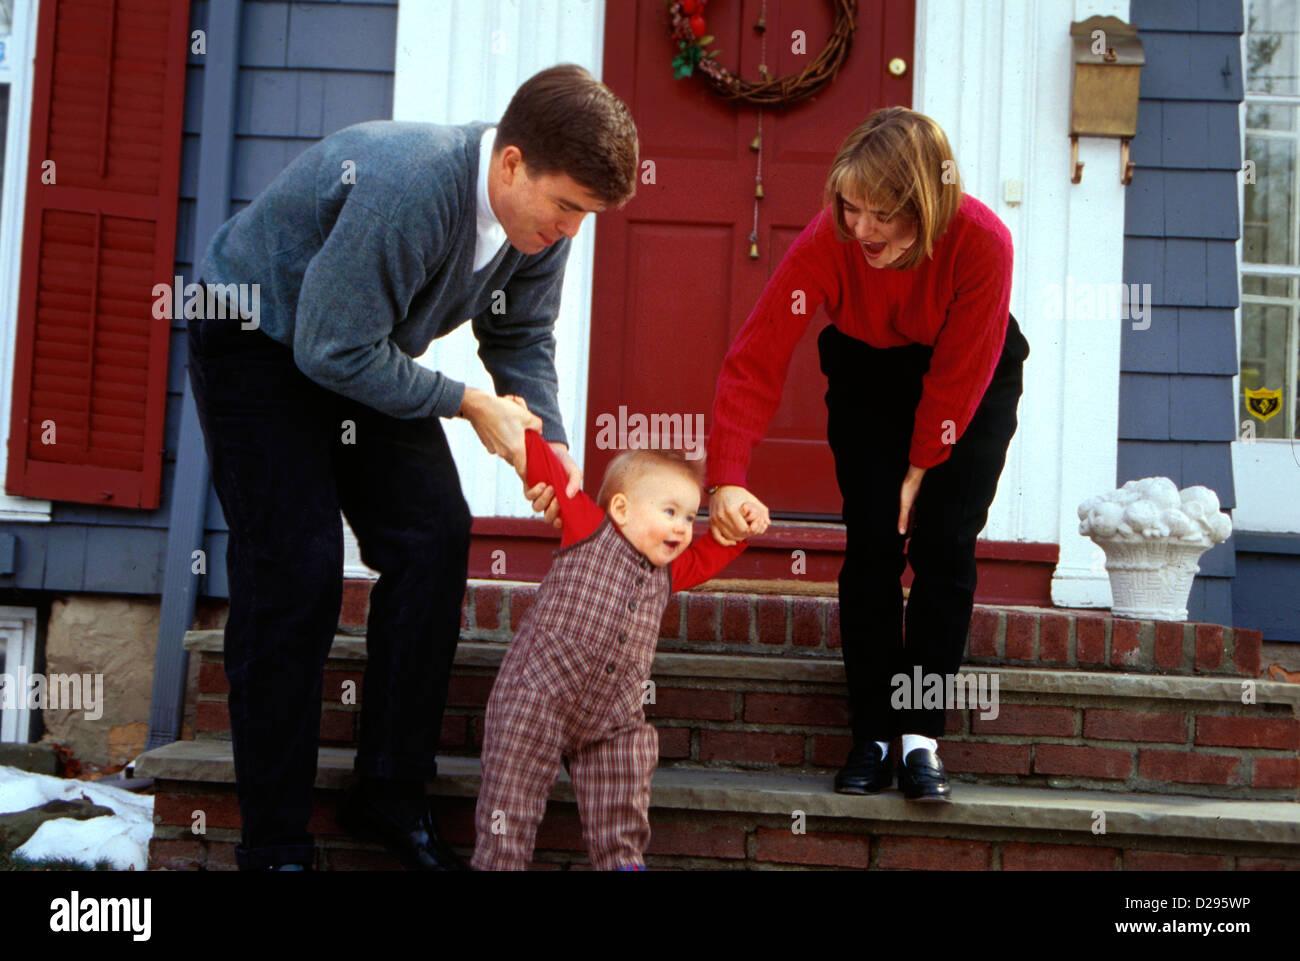 Los padres en sus 30'S caminando por pasos con el bebé de un año de edad Imagen De Stock